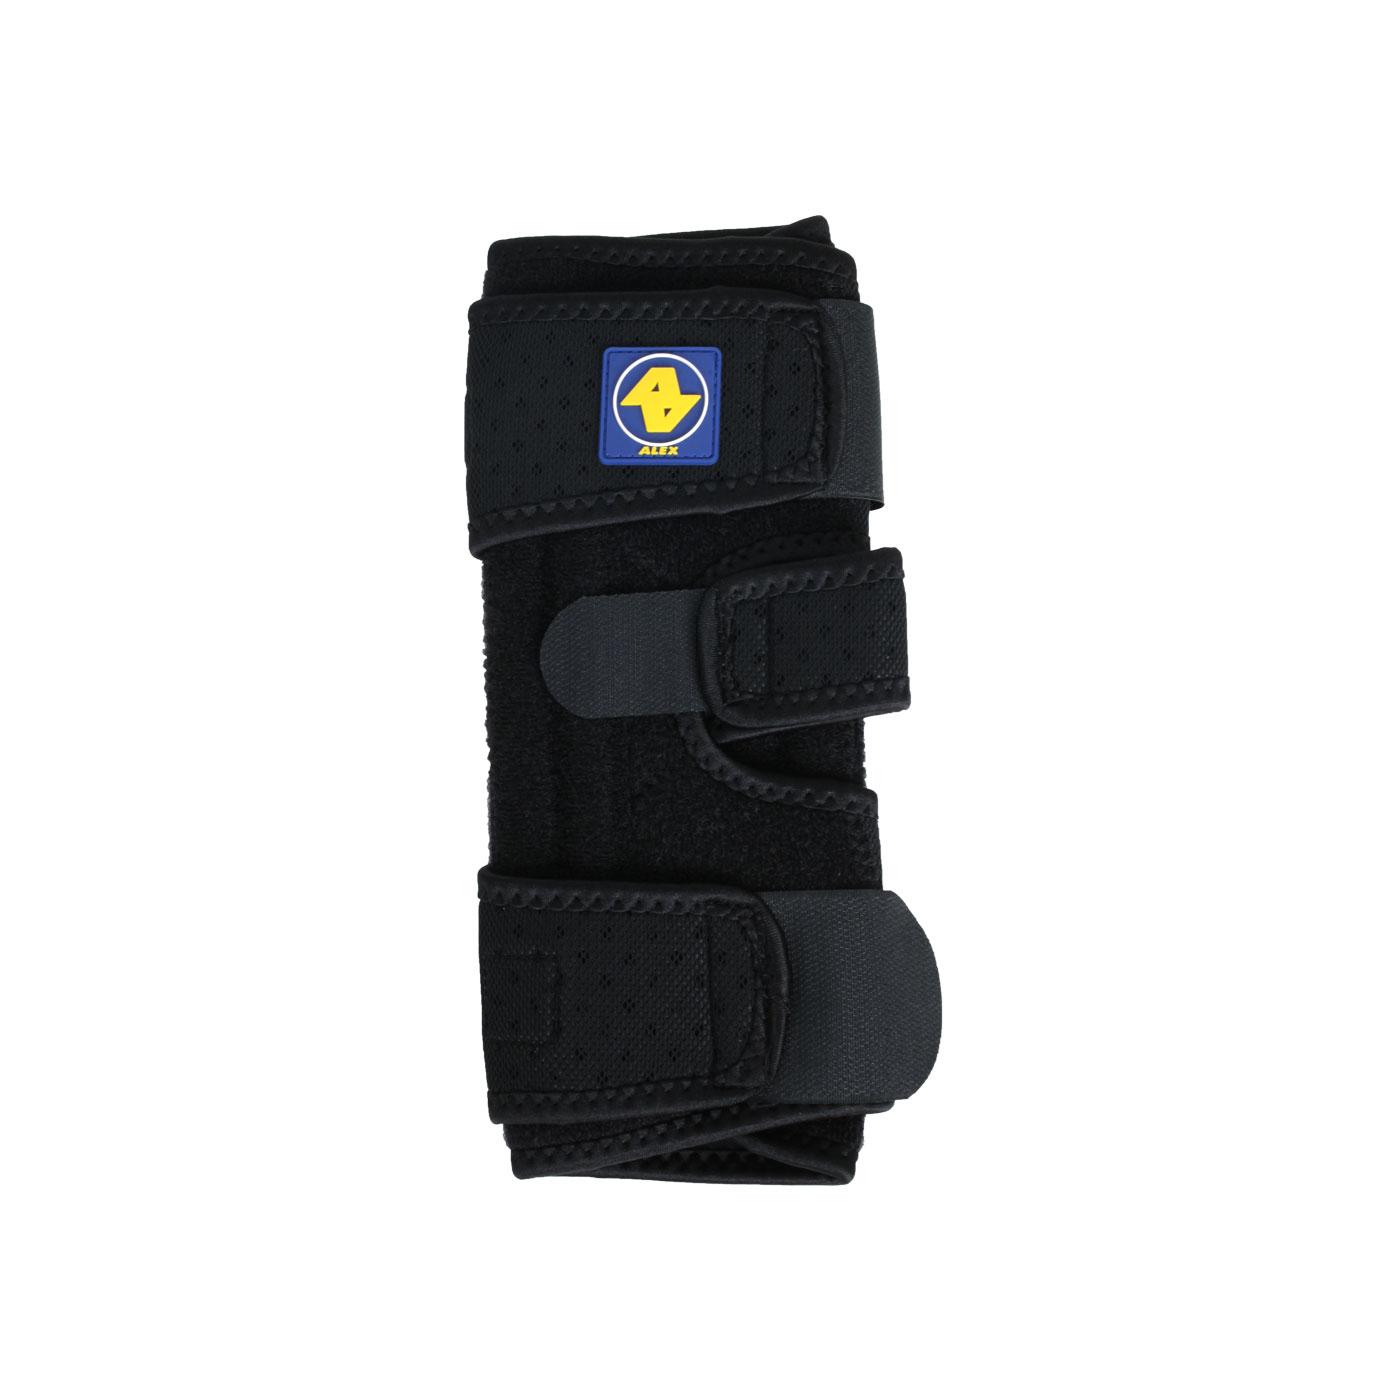 ALEX  矽膠雙側條護膝T-42 - 黑